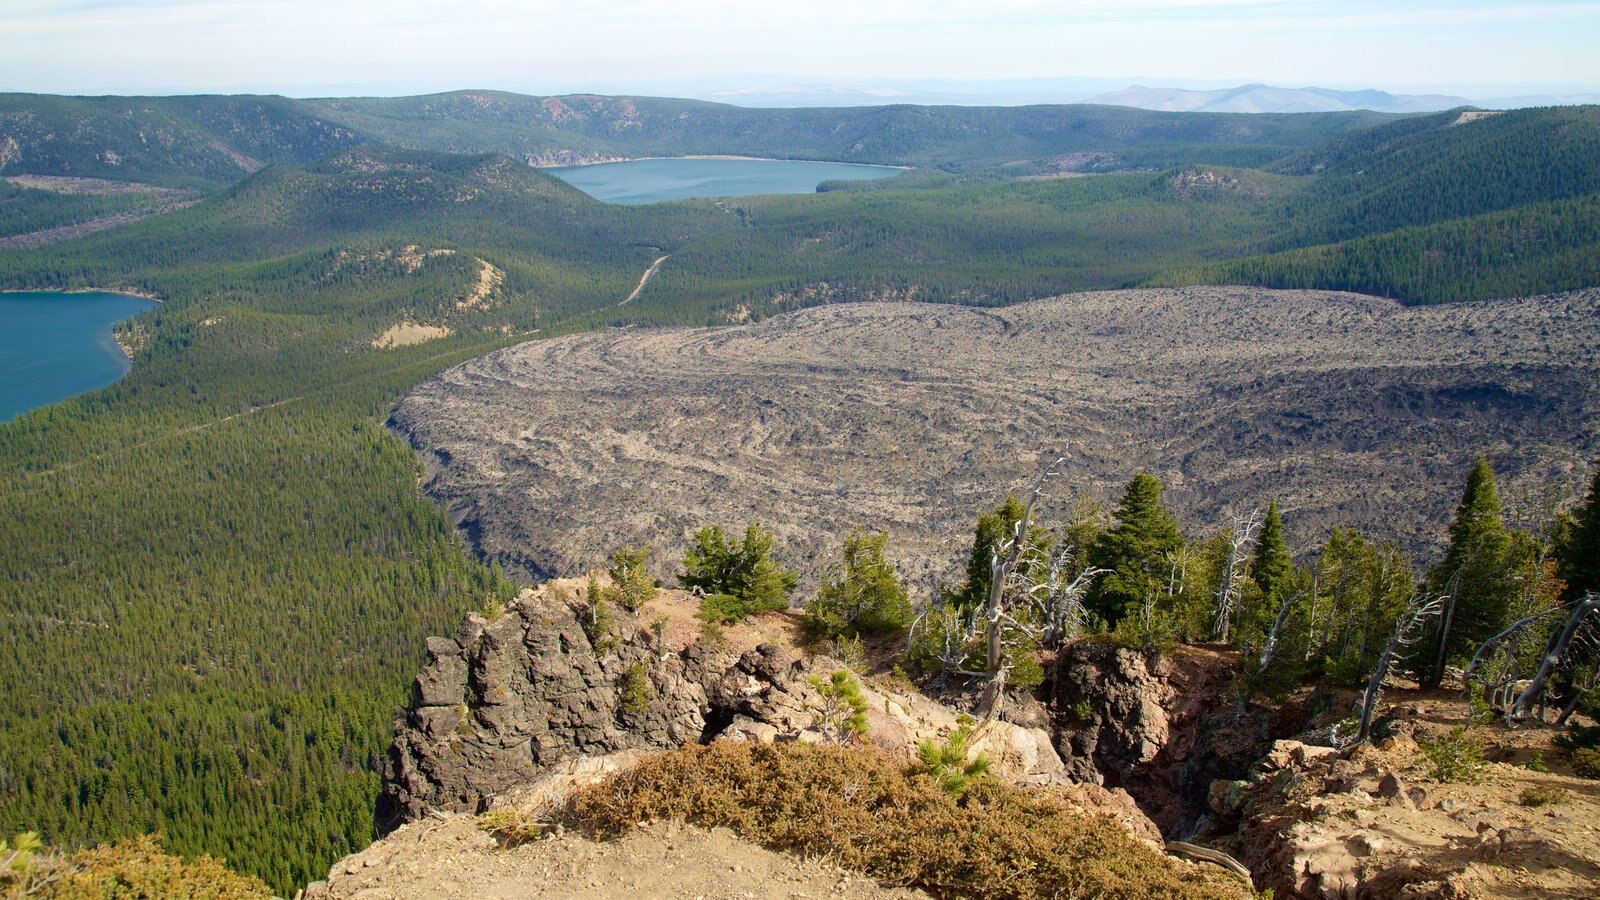 Newberry National Volcanic Monument ofreciendo vistas de paisajes